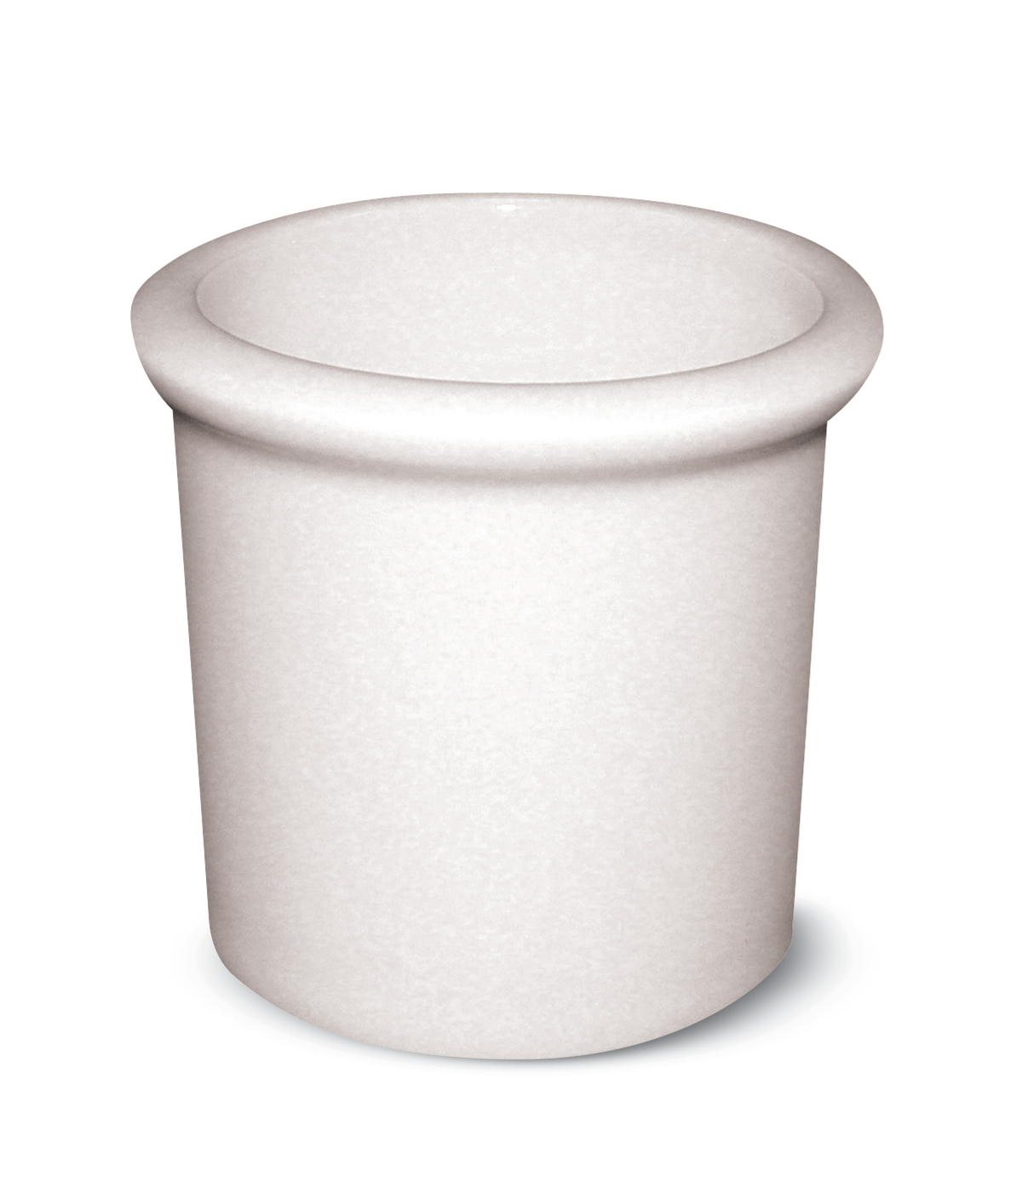 Porte cure dent rectangulaire ivoire porcelaine 7 cl 6 cm Banquet Rak